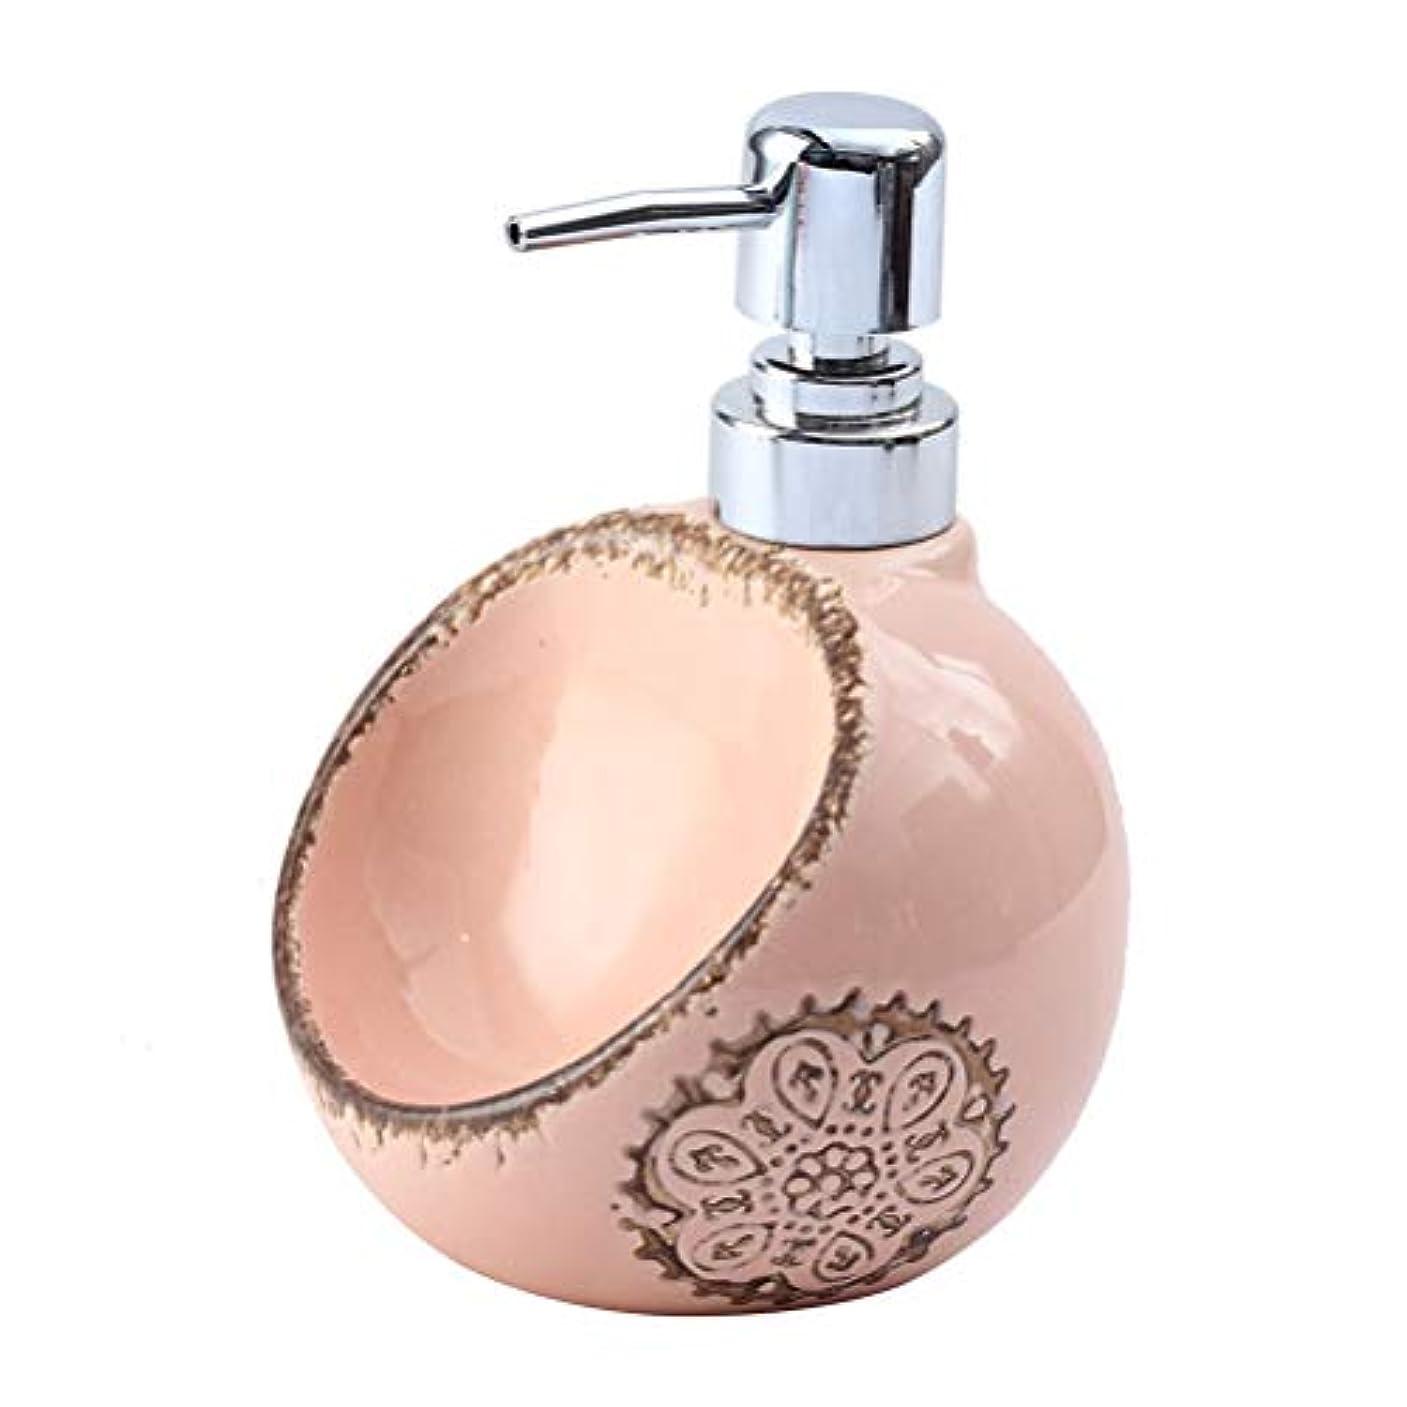 カテゴリー製油所応用250ML / 420ML / 580MLクリエイティブセラミックソープディスペンサーデュアルユース洗剤ハンドスポンジシート浴ボトルサブ瓶と瓶消毒 (Size : A)